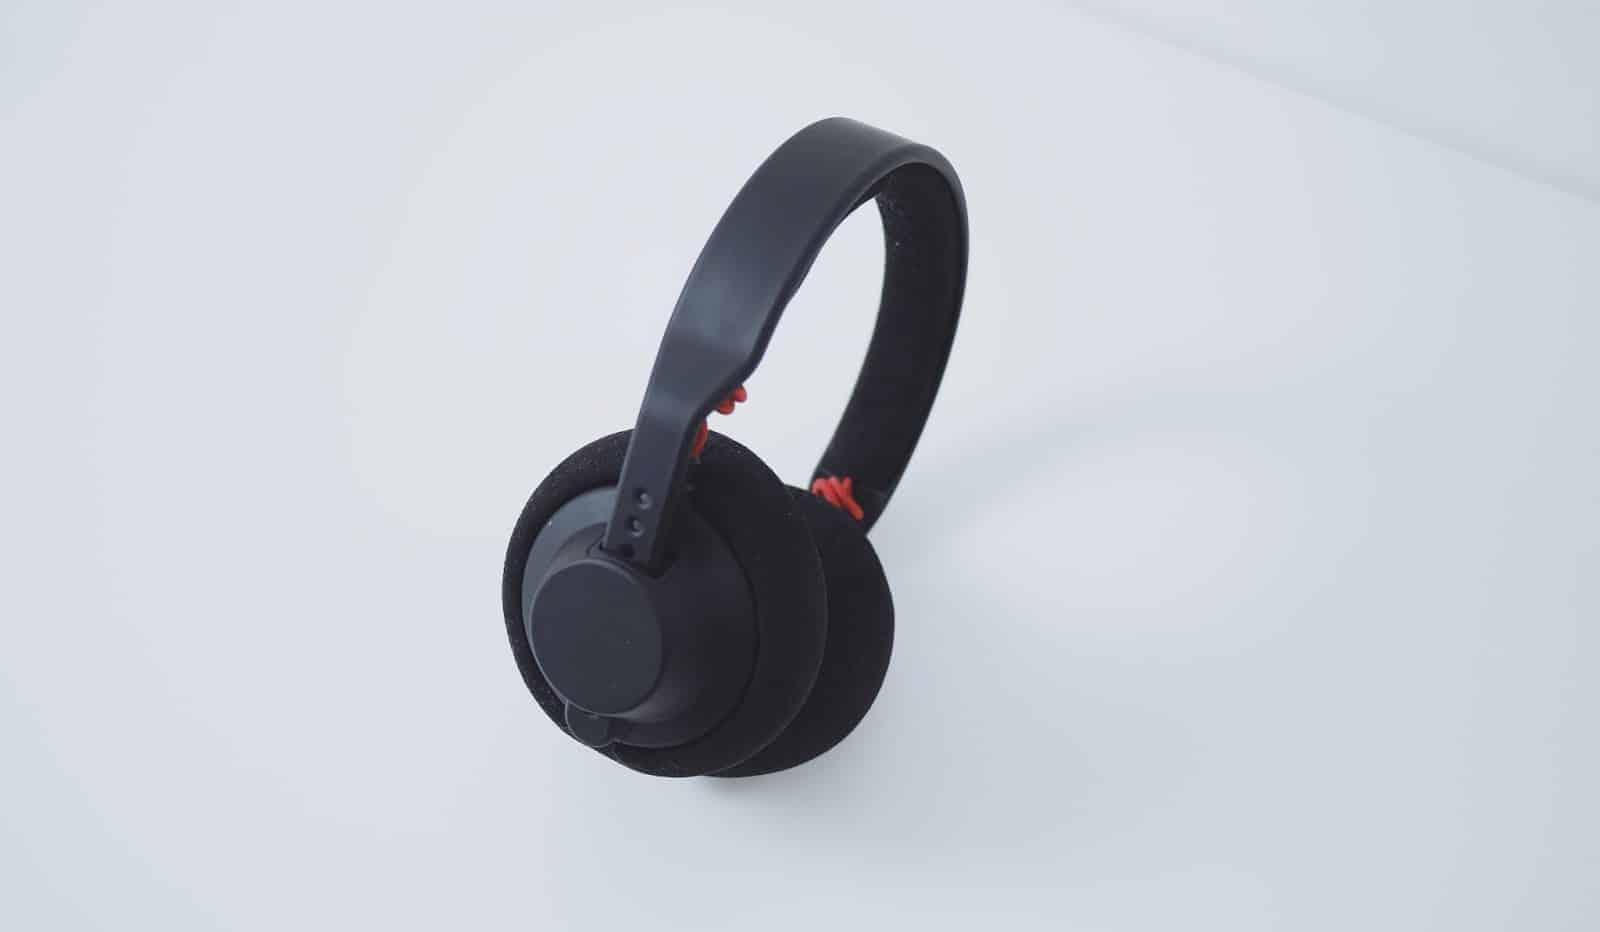 Best Wireless Headphones 2017 – Buyer's Guide